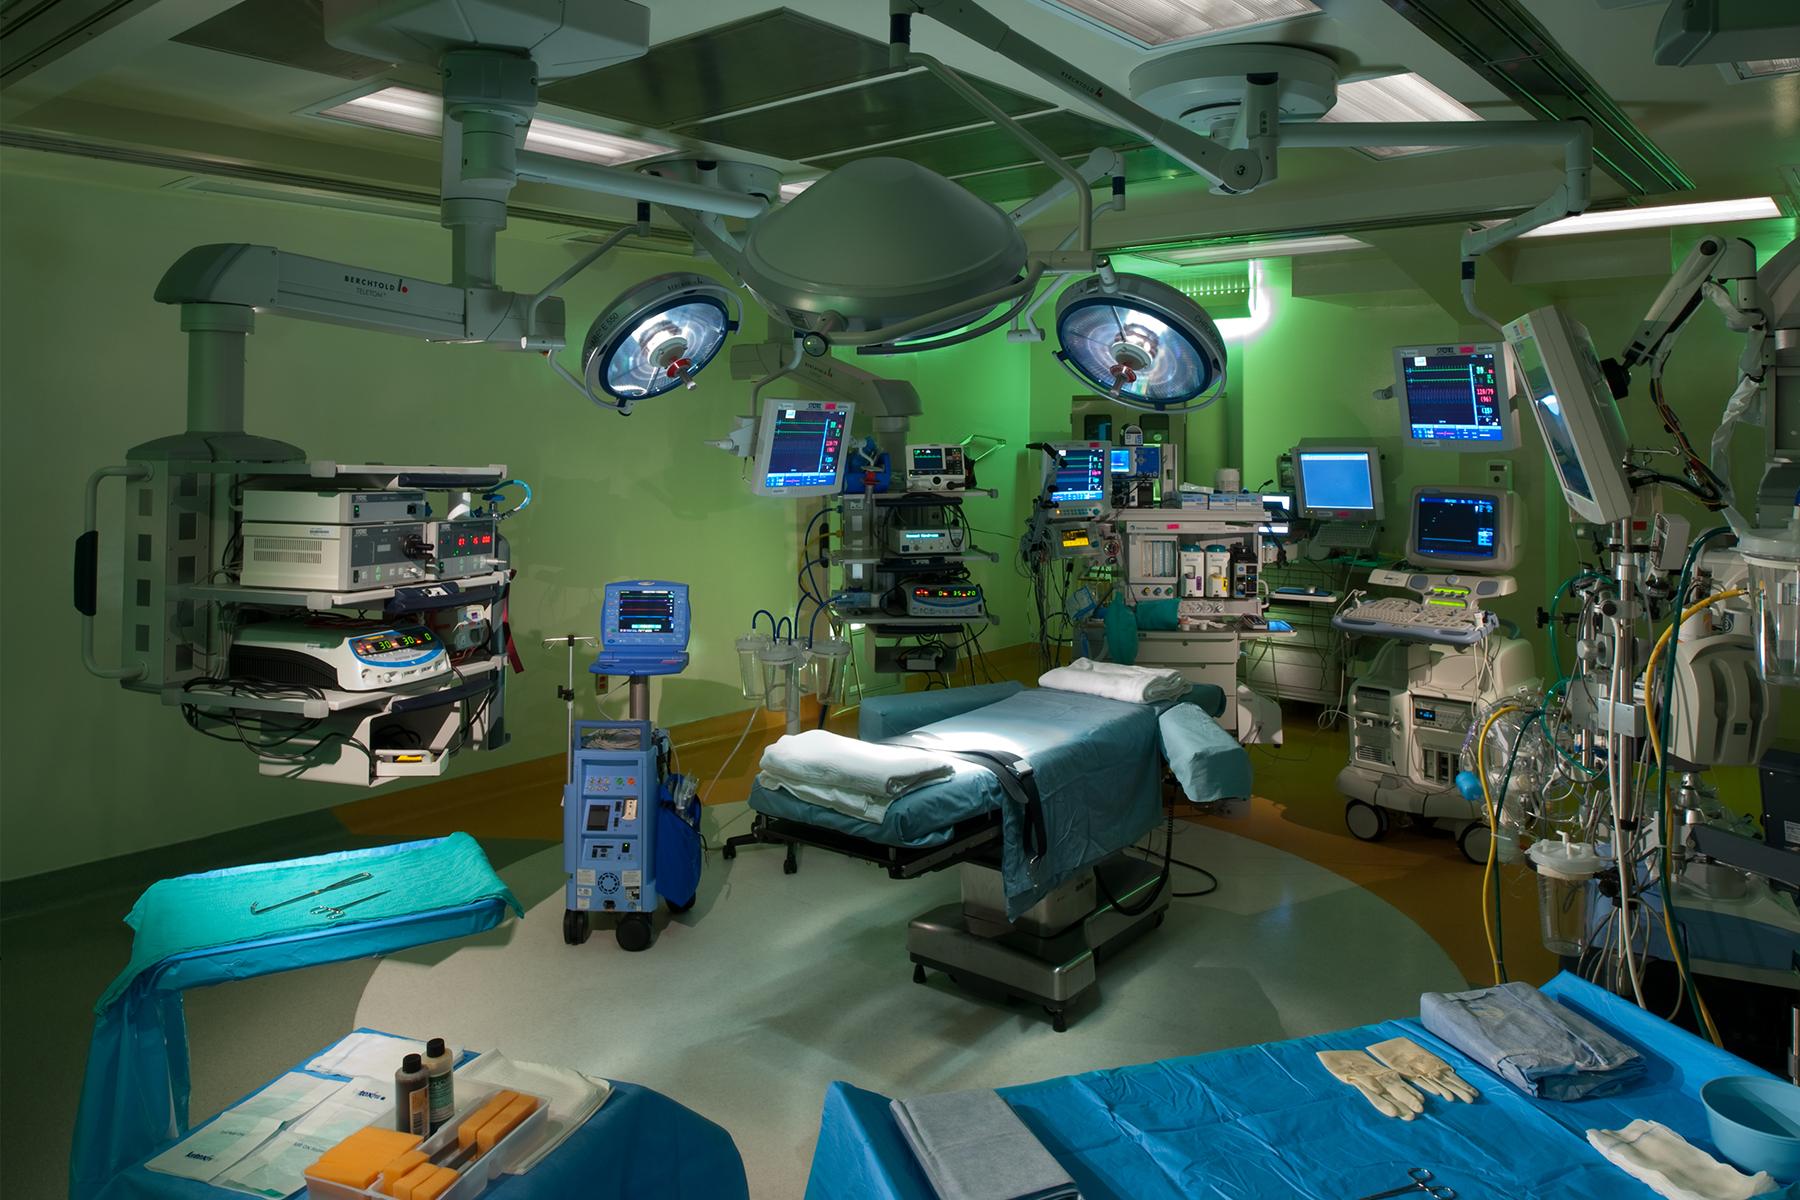 U.S. Department of Veterans Affairs Medical Center